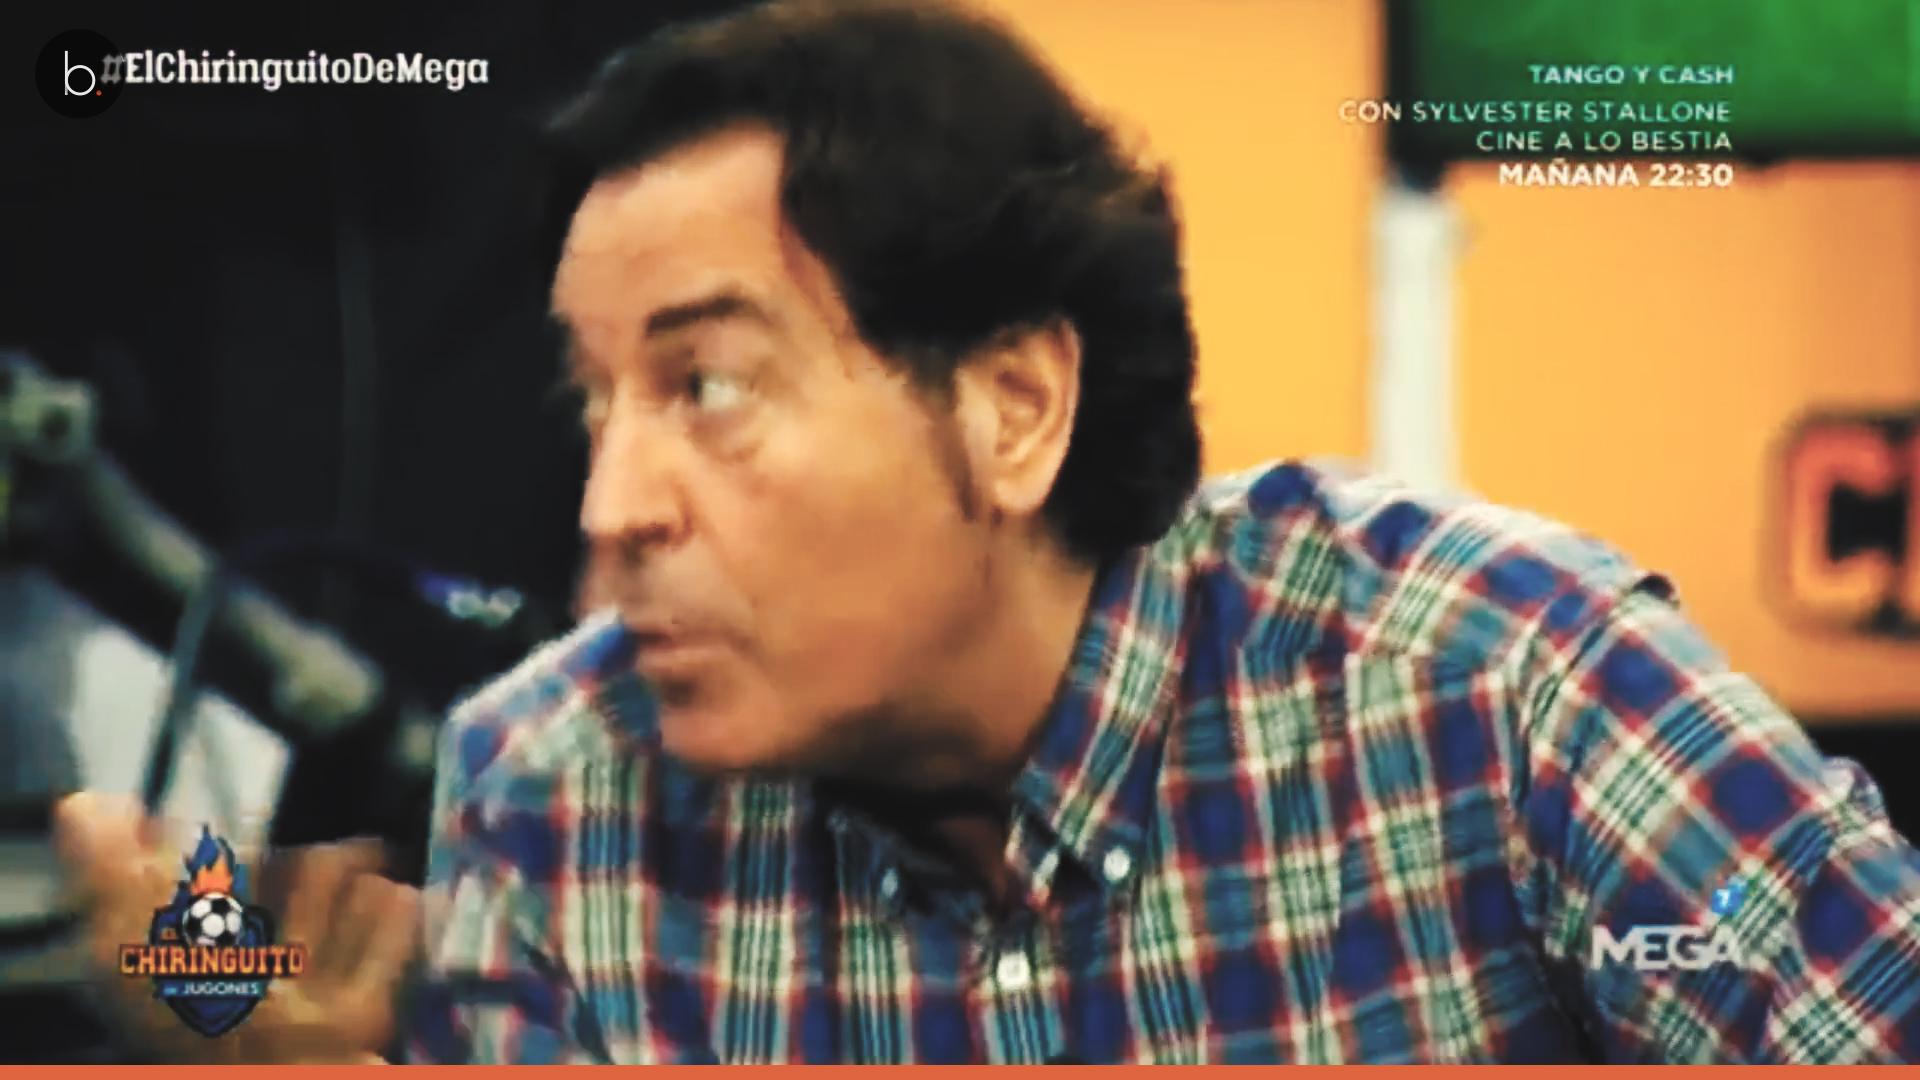 Pipi Estrada la lía con su comentario machista sobre Inés Arrimadas